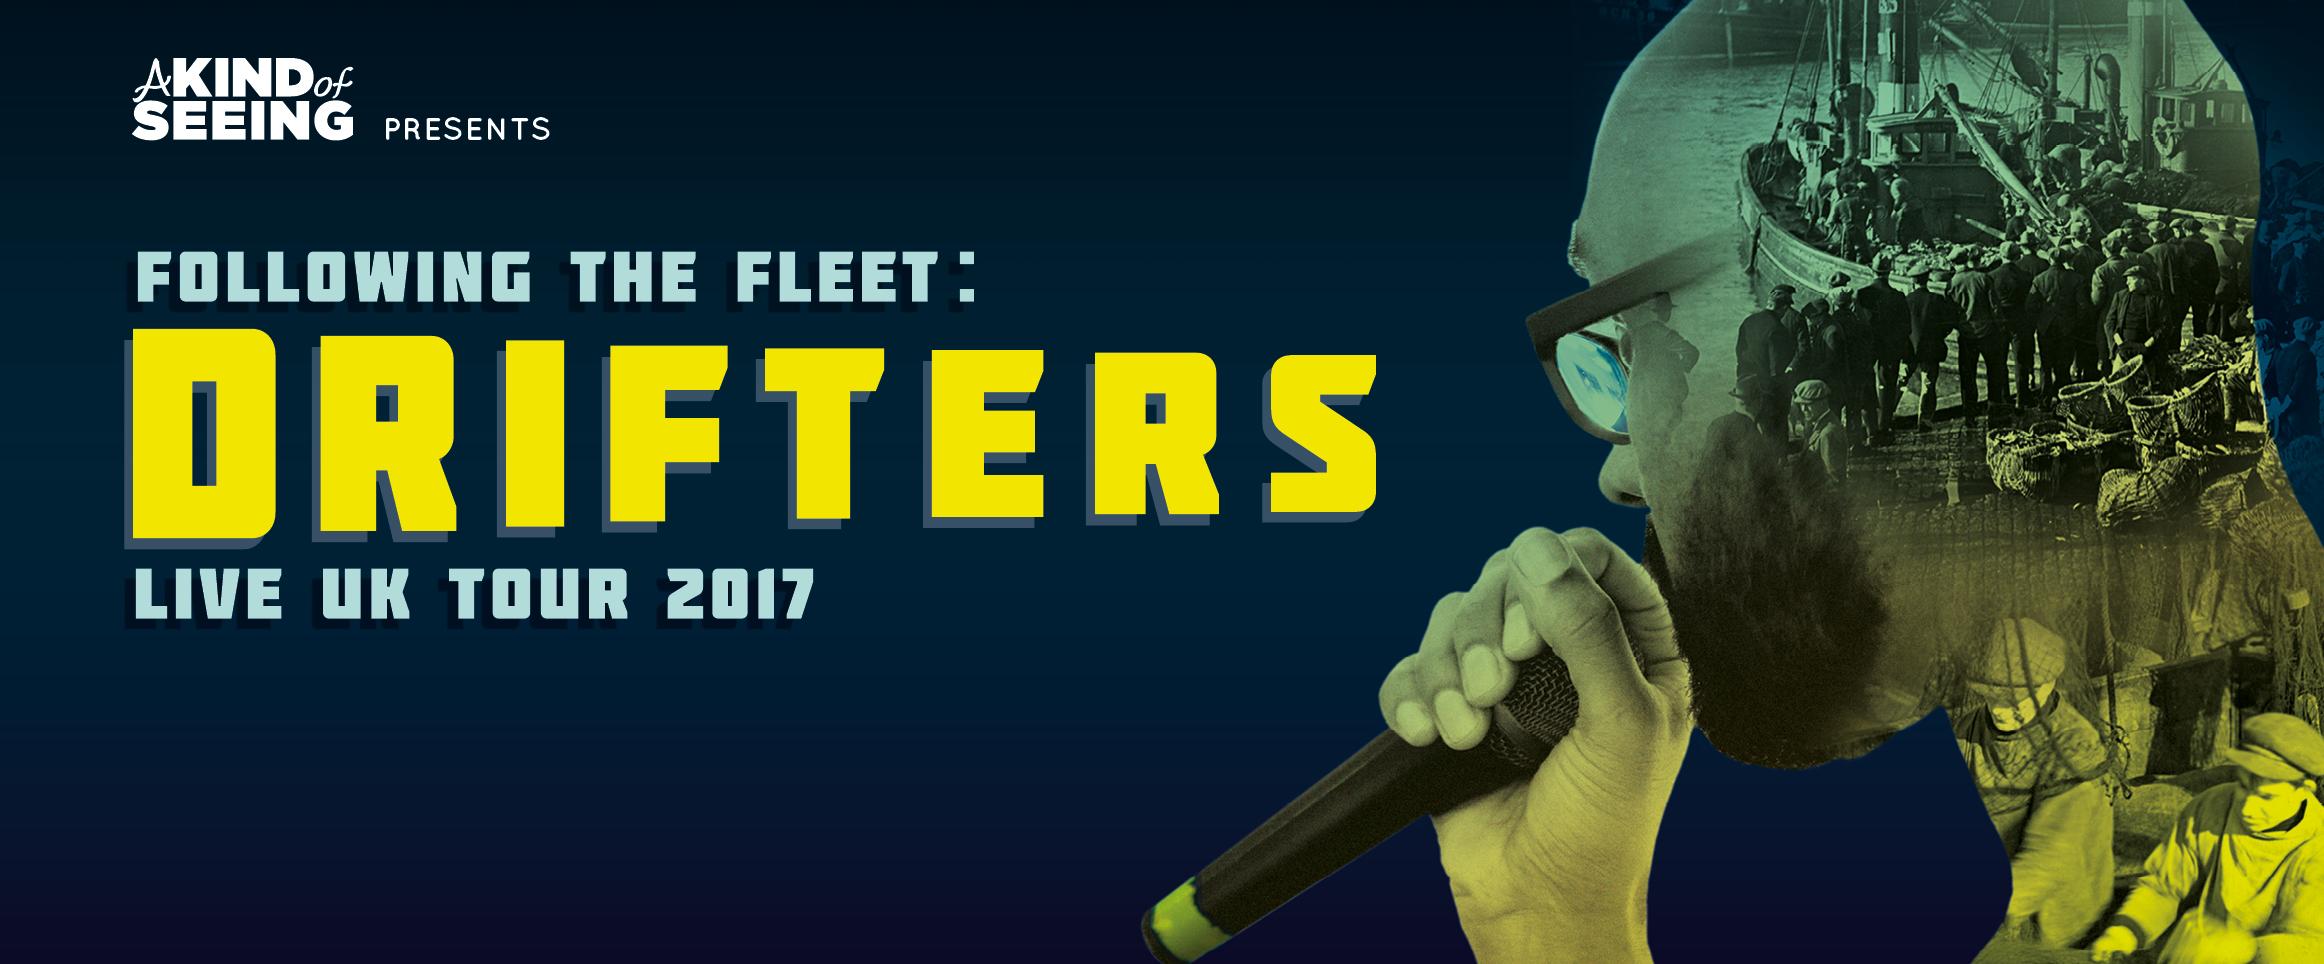 Drifters_Banner_BIG.jpg